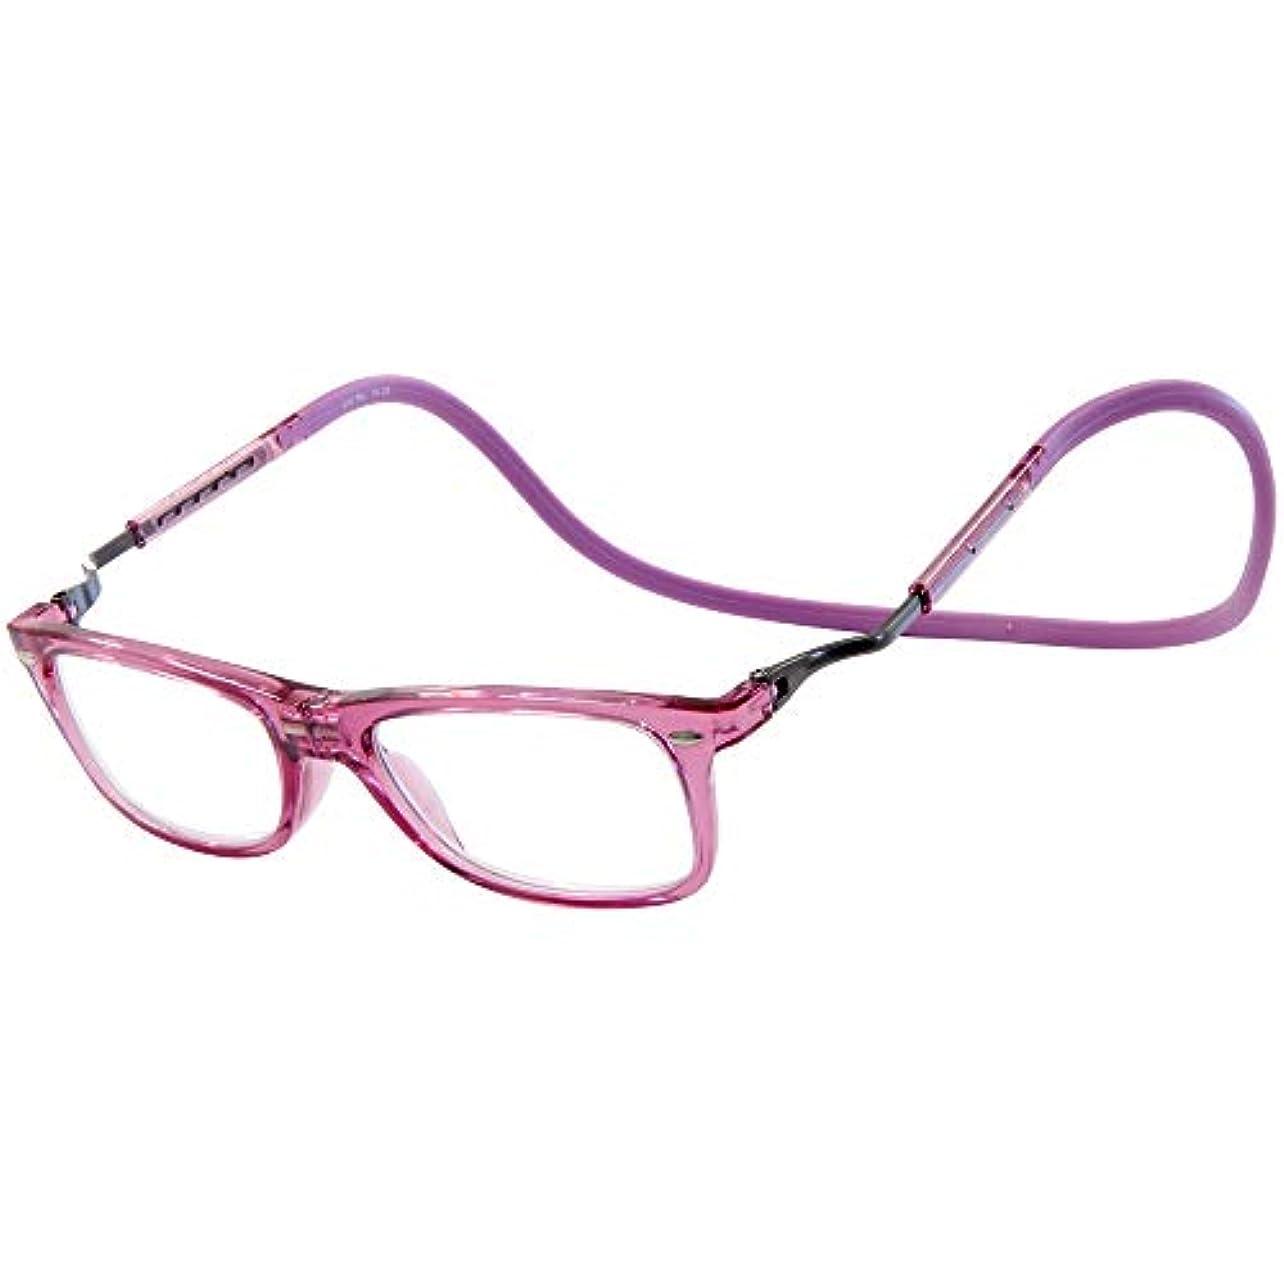 矩形十分学部長老眼鏡 おしゃれ 携帯 折りたたみ コンパクト シニアグラス リーディンググラス eye Need 伸びる 首掛け 首にかけられる マグネット 磁石 落ちない スマート ピンク